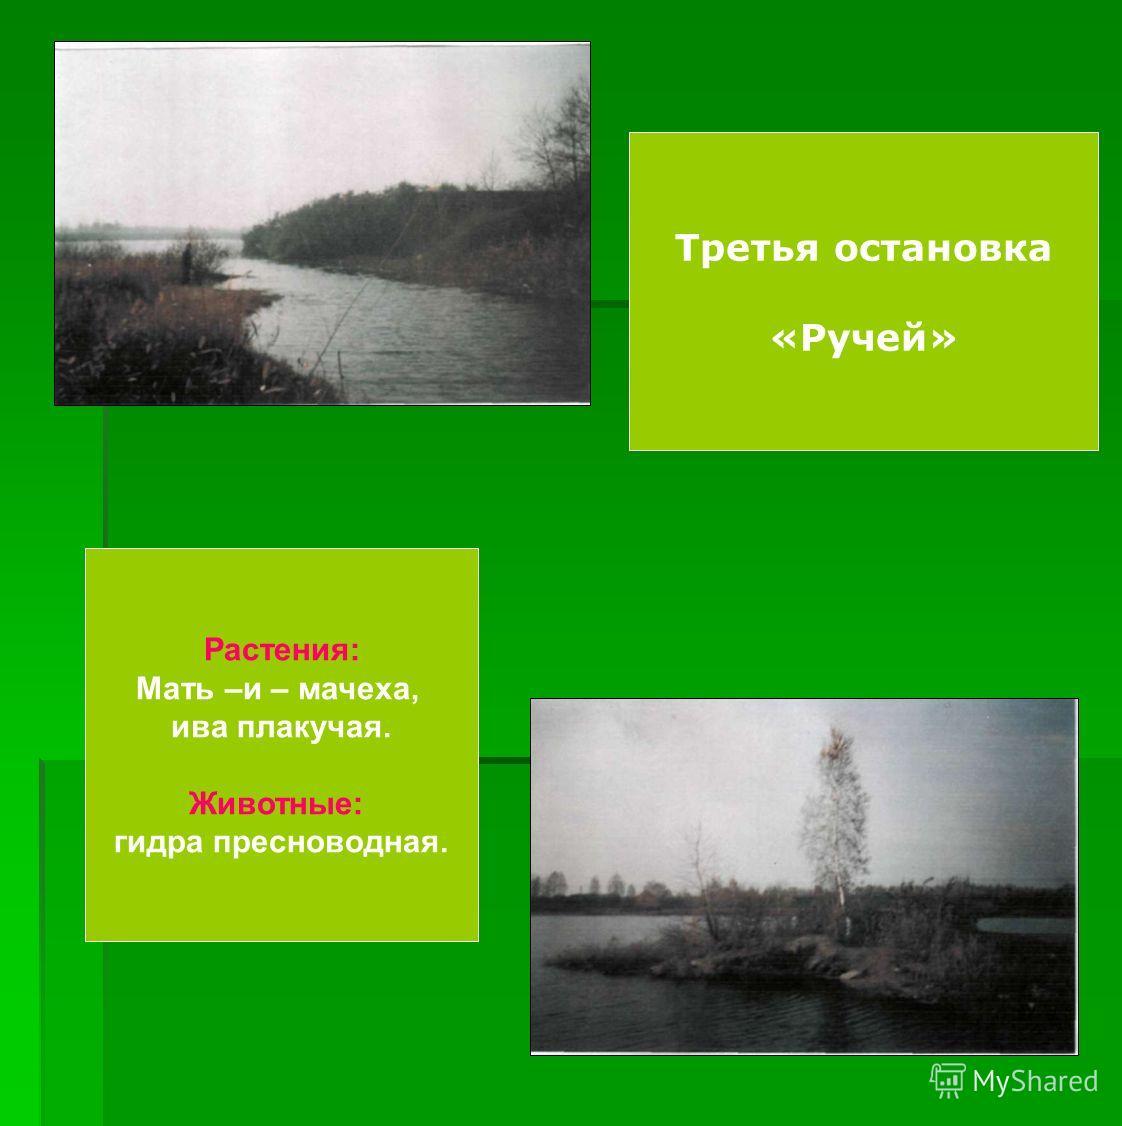 Третья остановка «Ручей» Растения: Мать –и – мачеха, ива плакучая. Животные: гидра пресноводная.